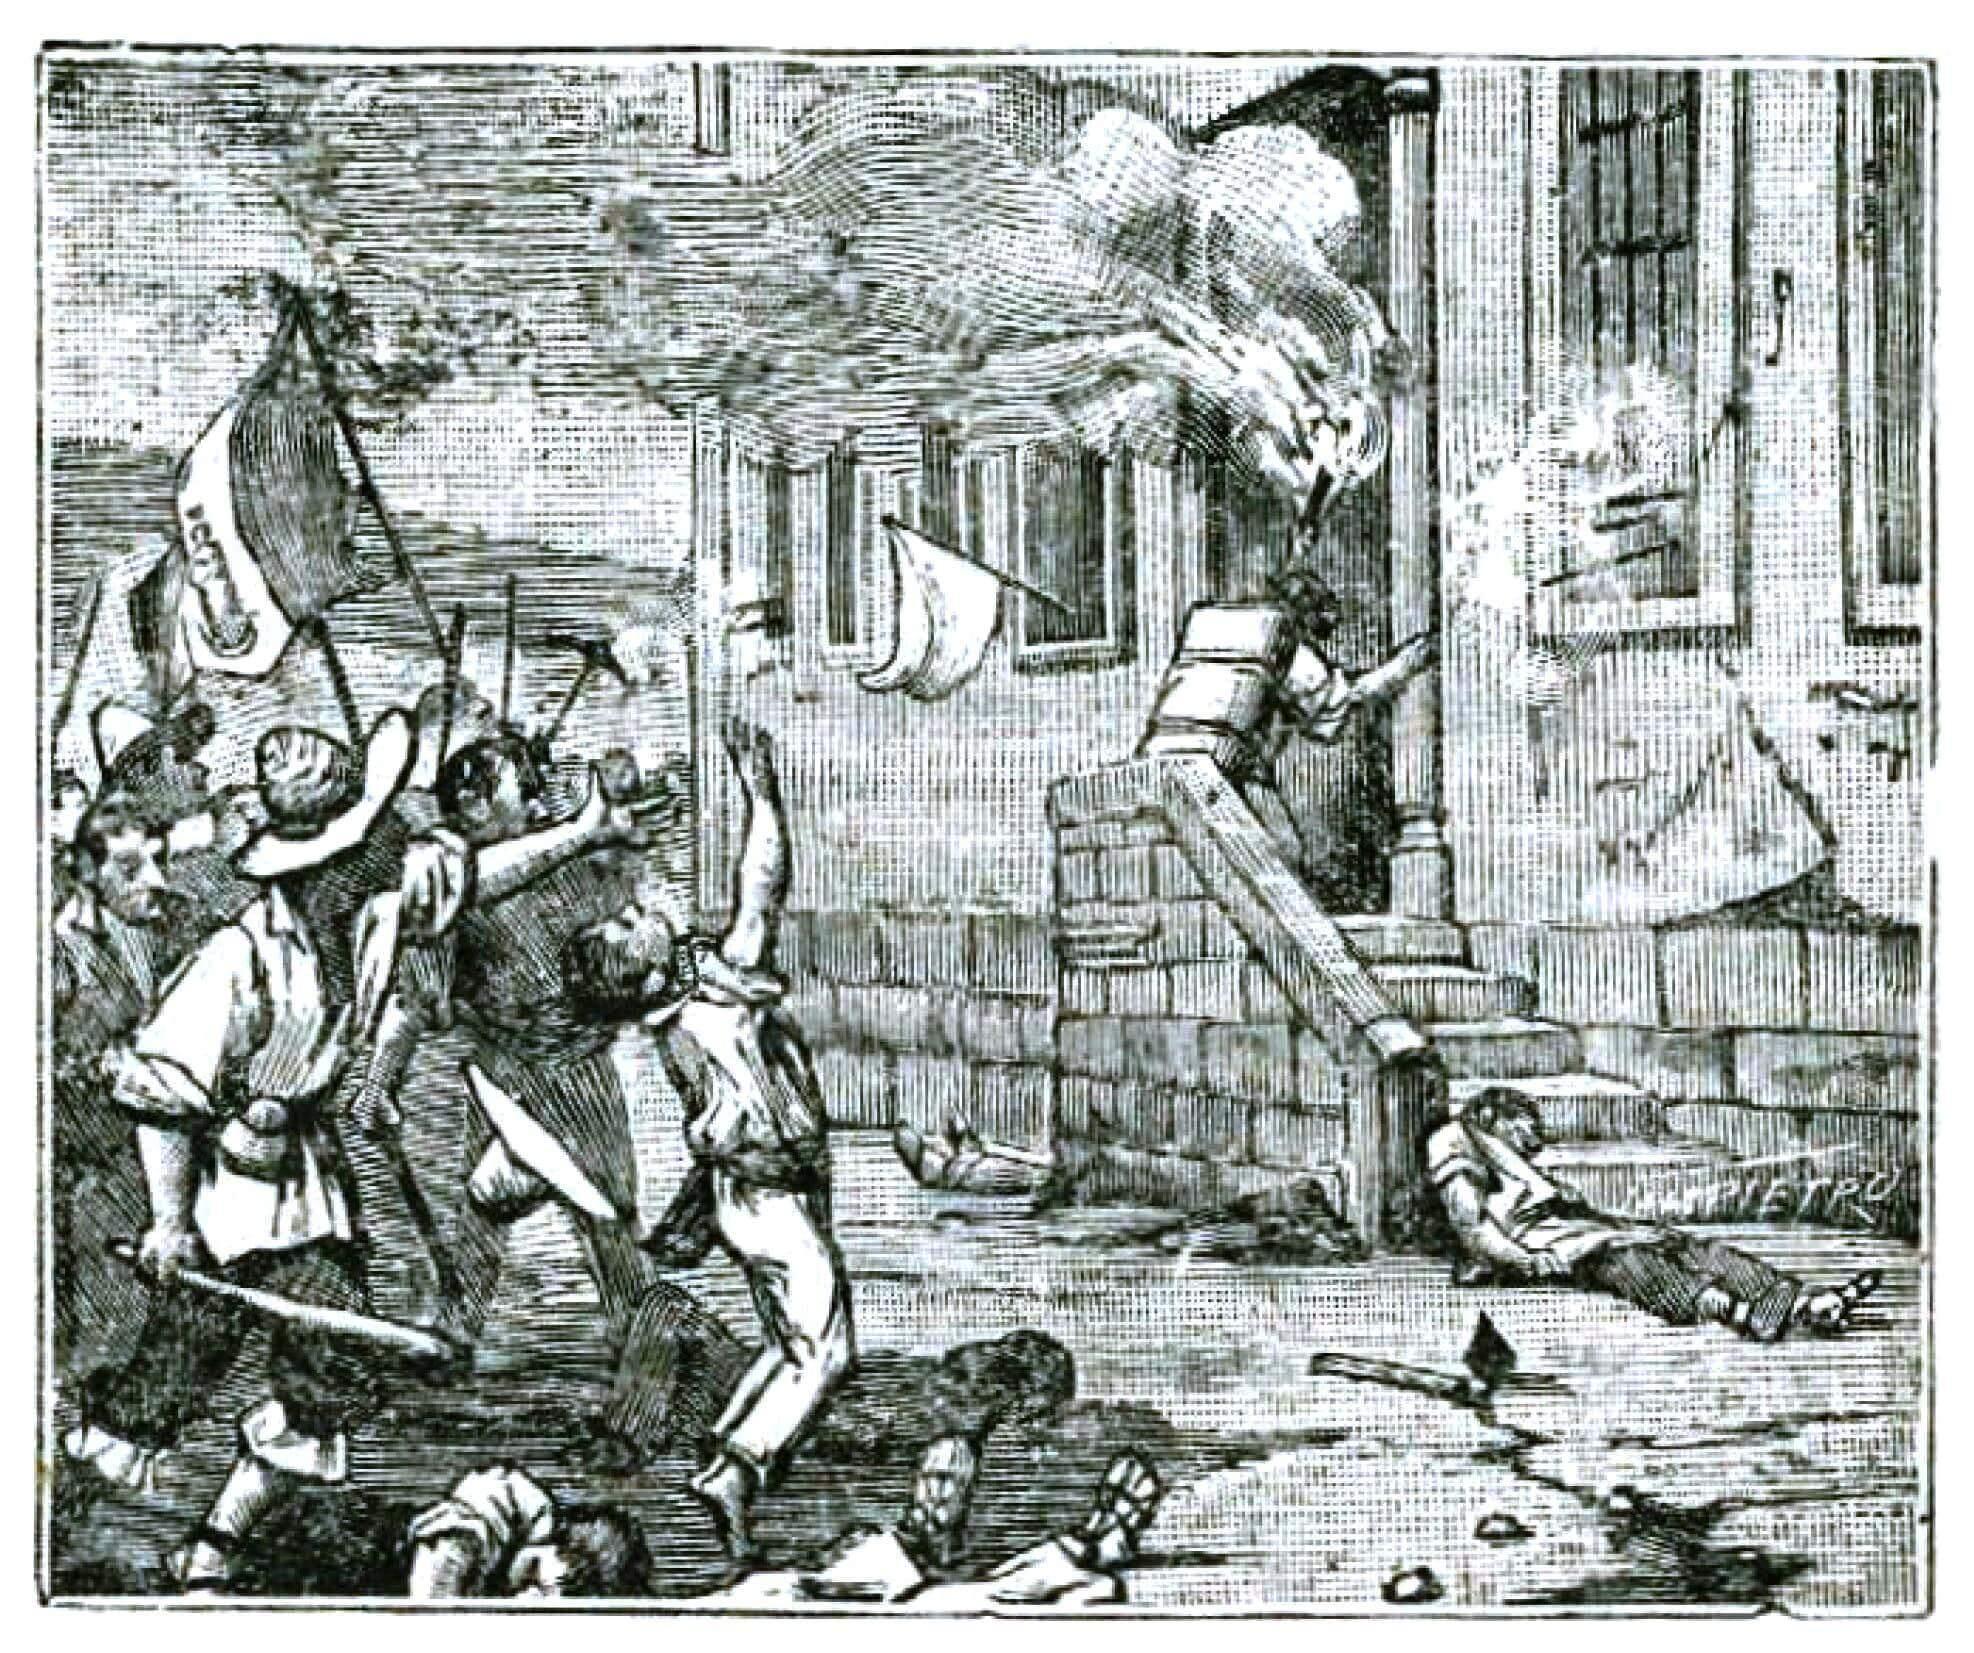 Toma de la Alhóndiga de Granaditas (1810)